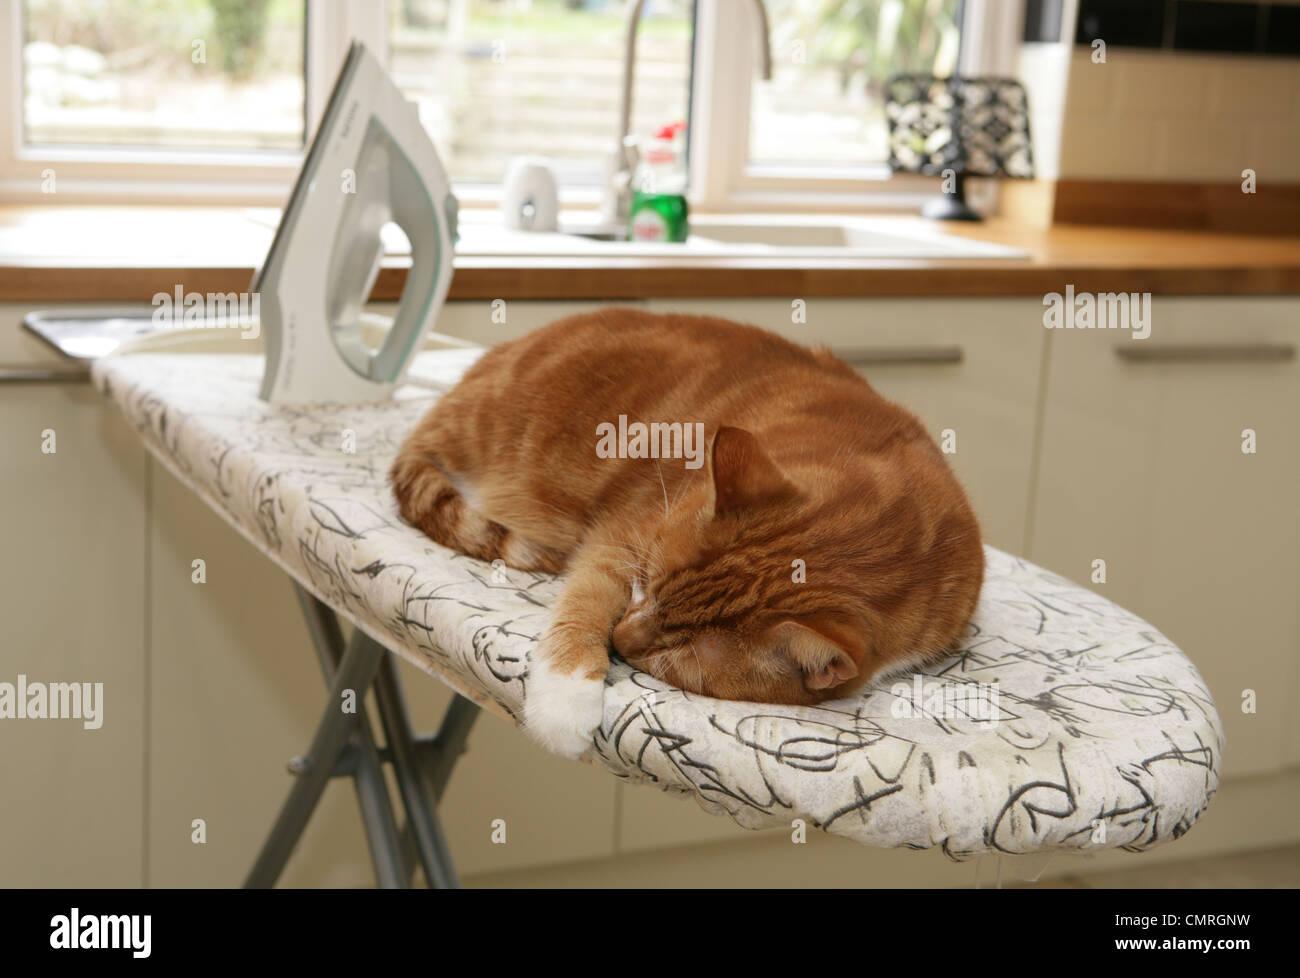 Il gatto domestico singolo adulto dormire su un asse da stiro Regno Unito Immagini Stock